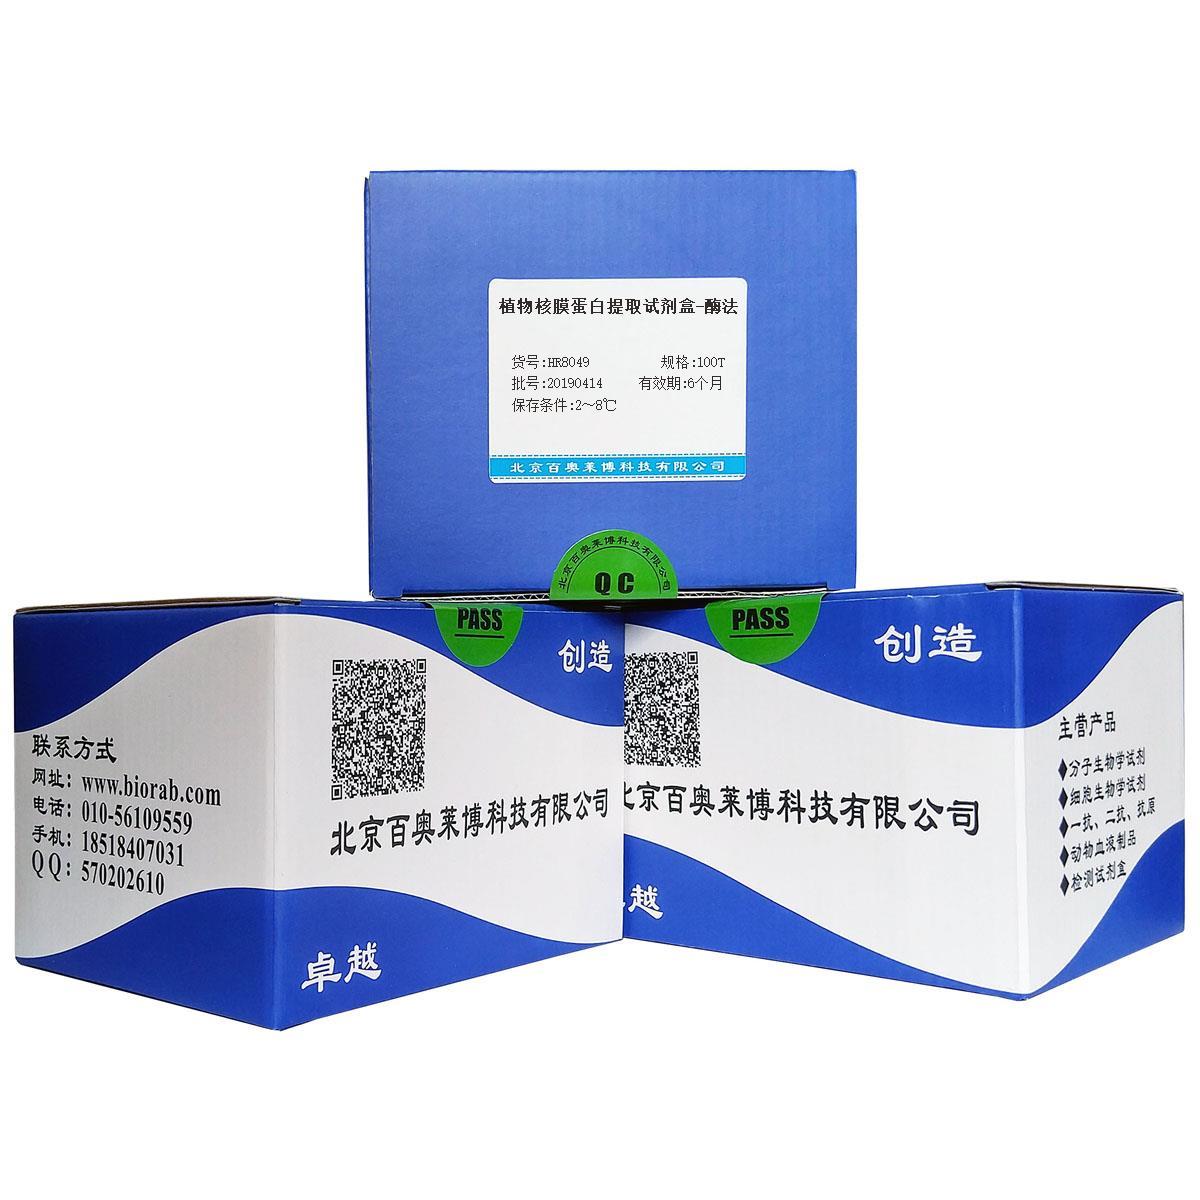 植物核膜蛋白提取试剂盒-酶法